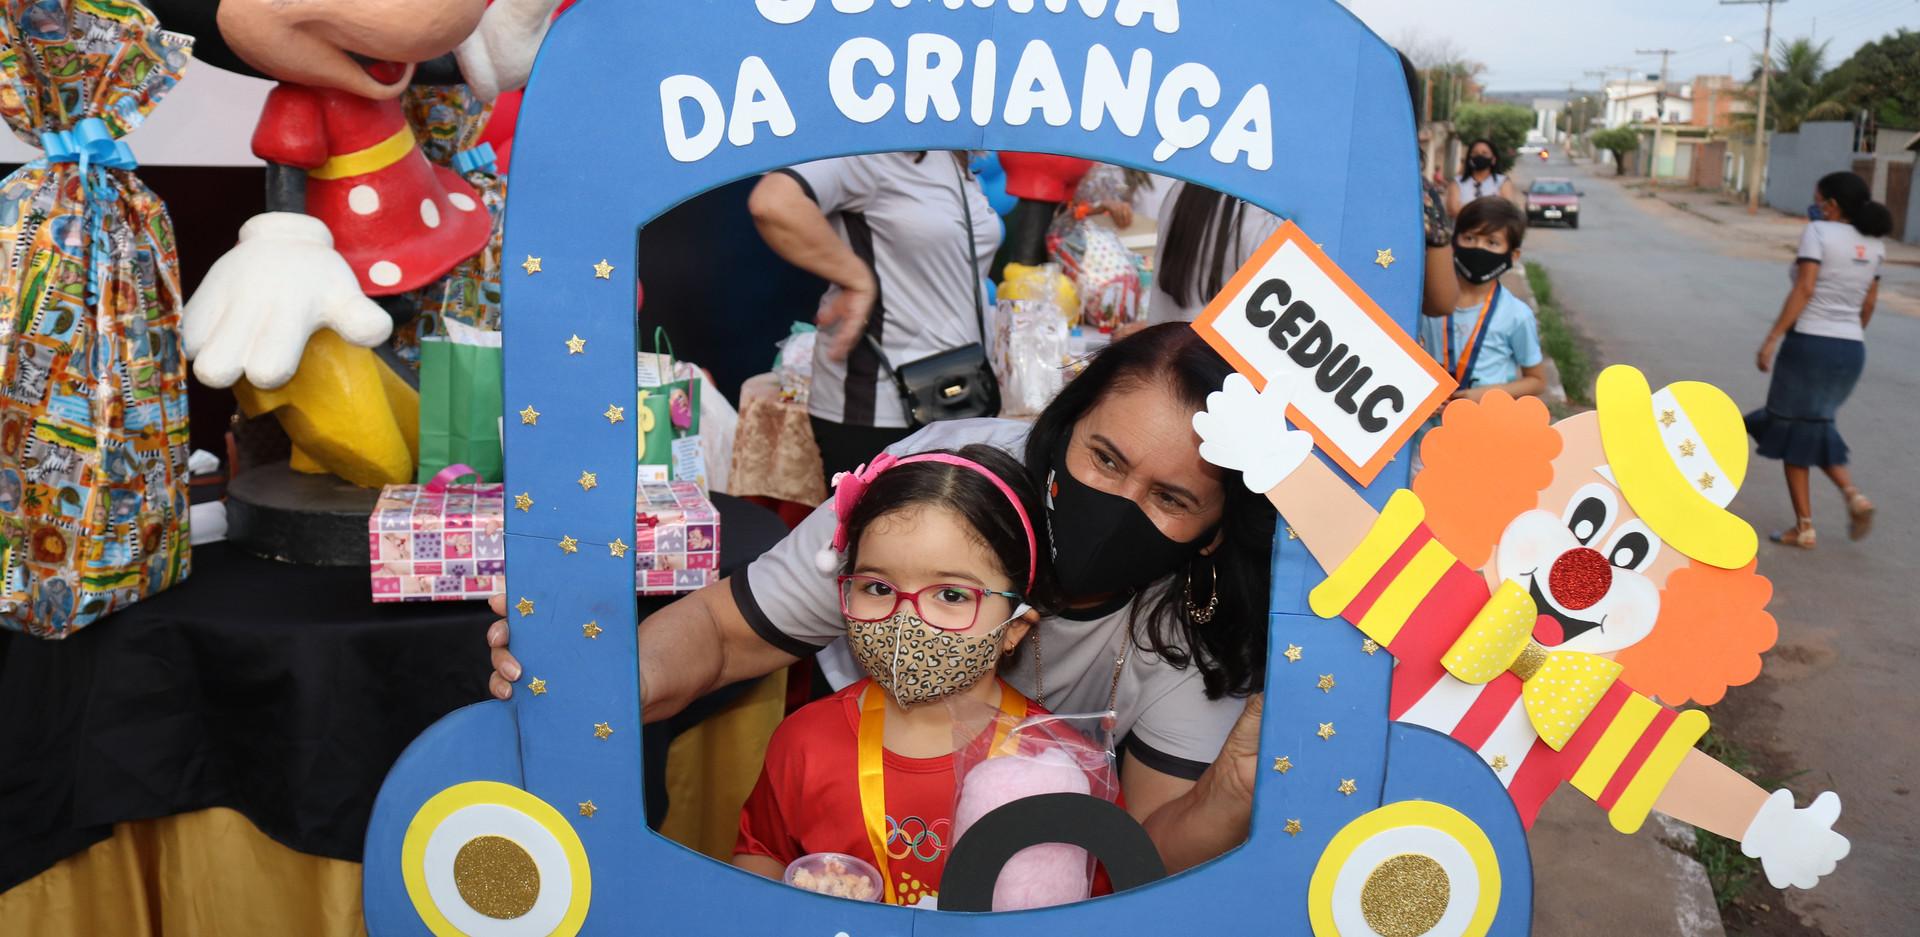 SEMANA DA CRIANCA NO CEDULC (124).JPG